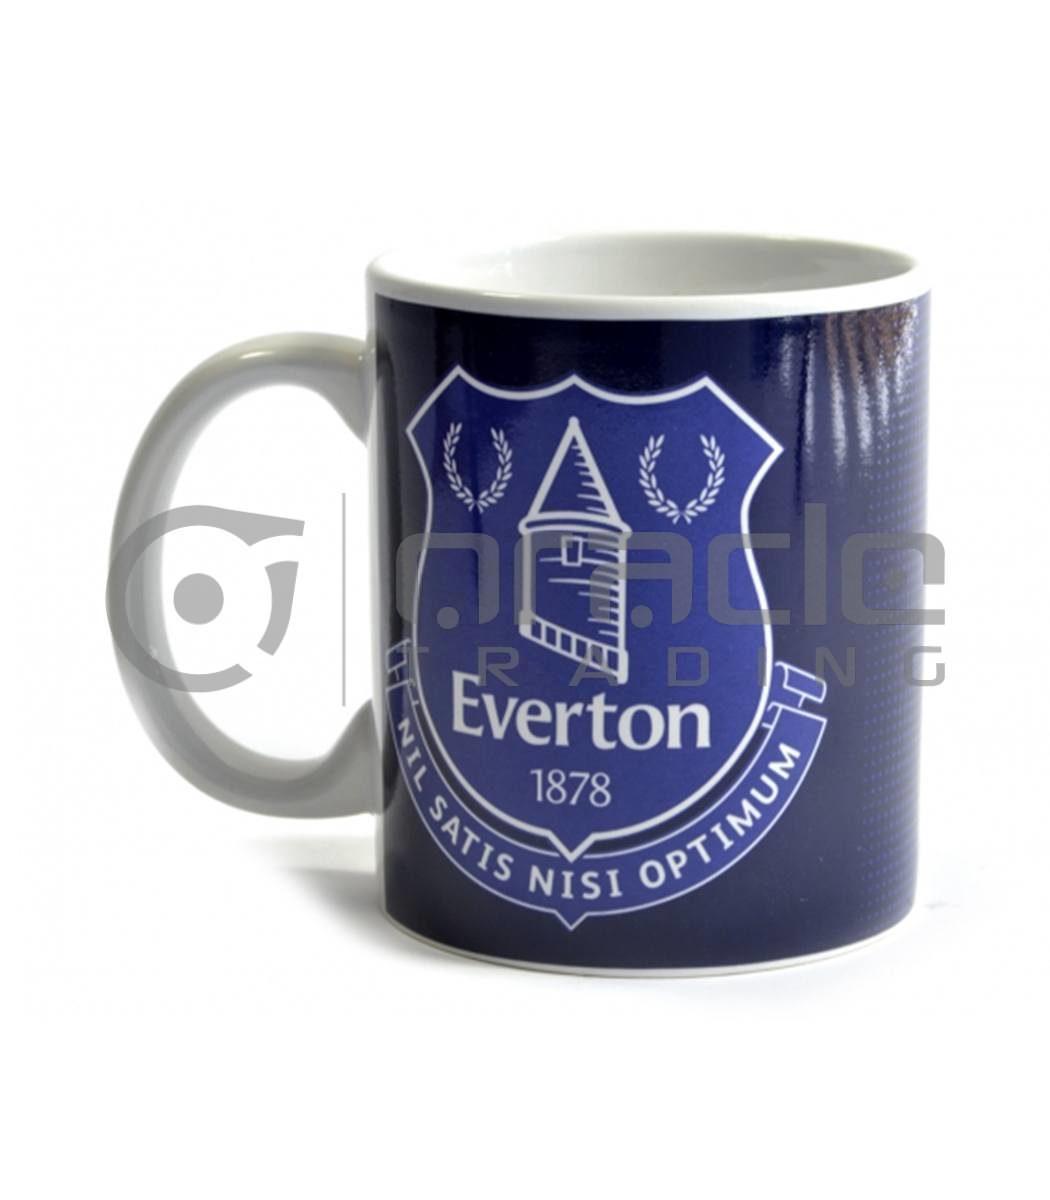 Everton Crest Mug (Boxed)